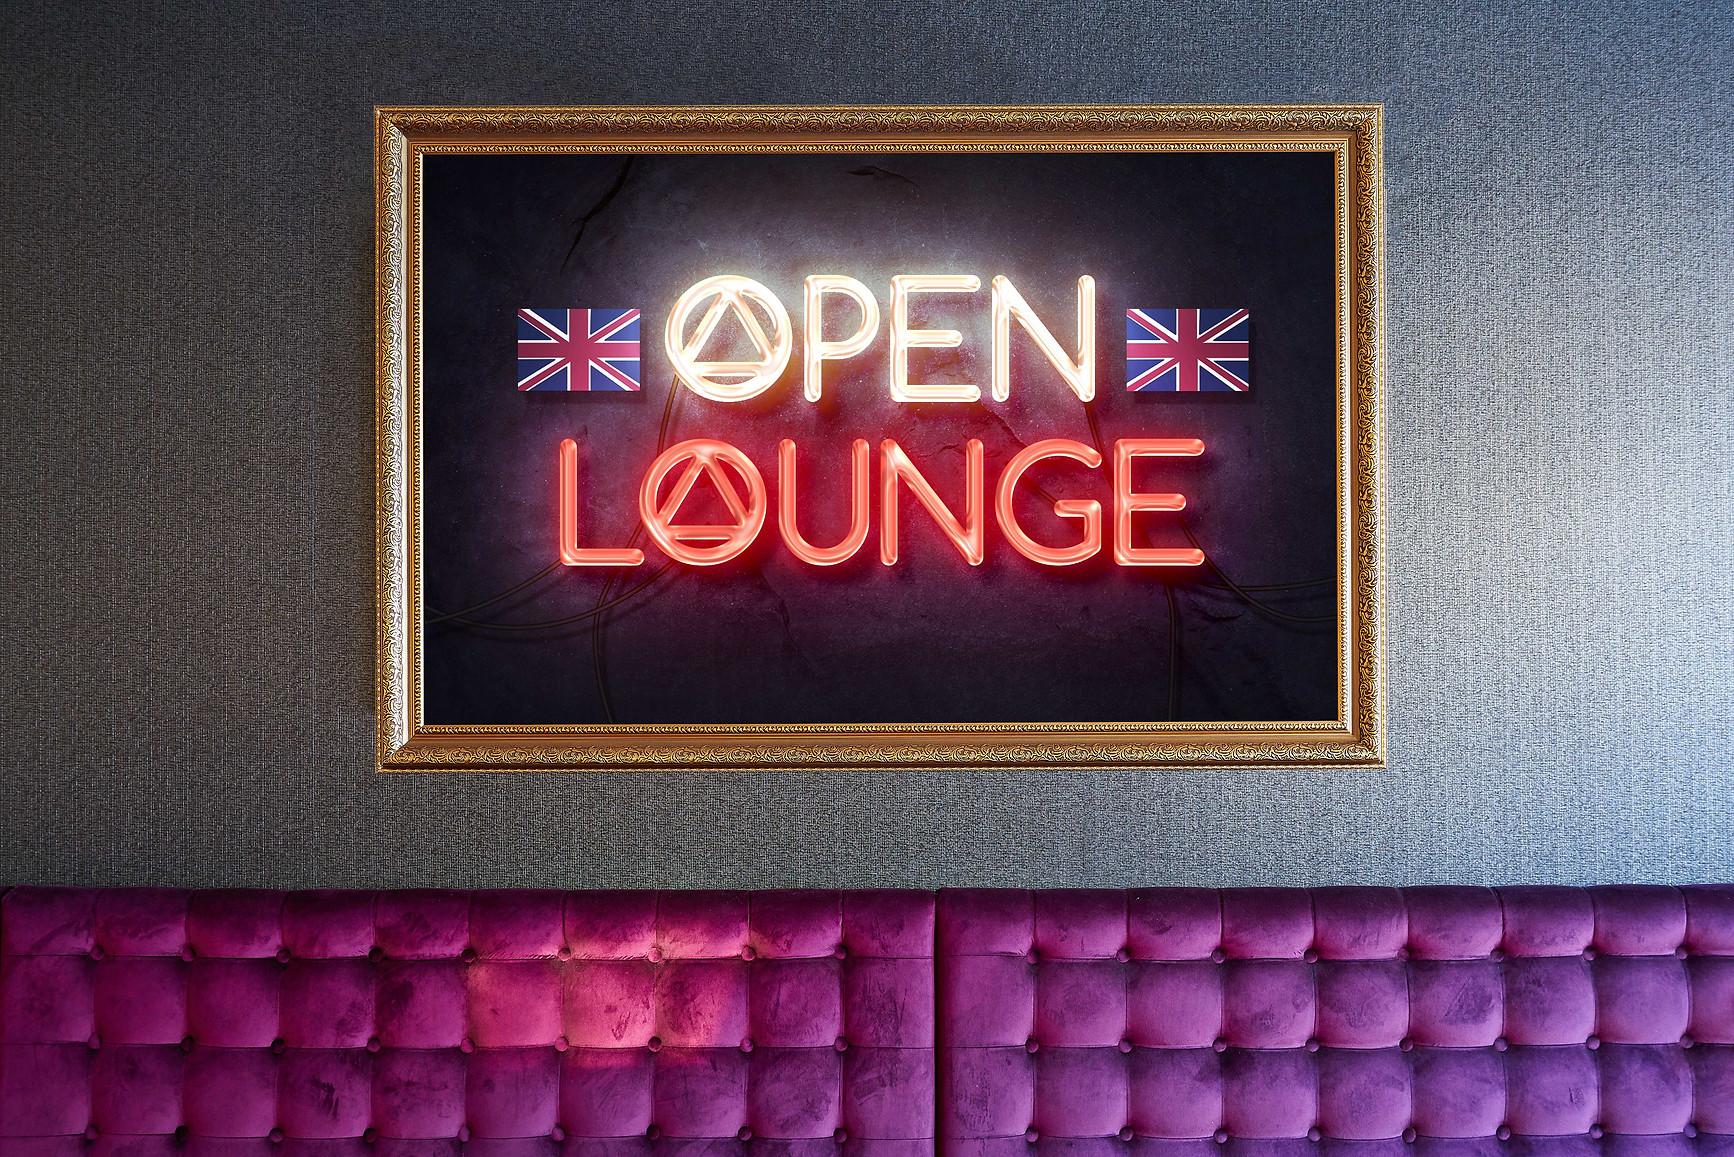 UK-Open-Lounge-with-Neon-Art.jpg